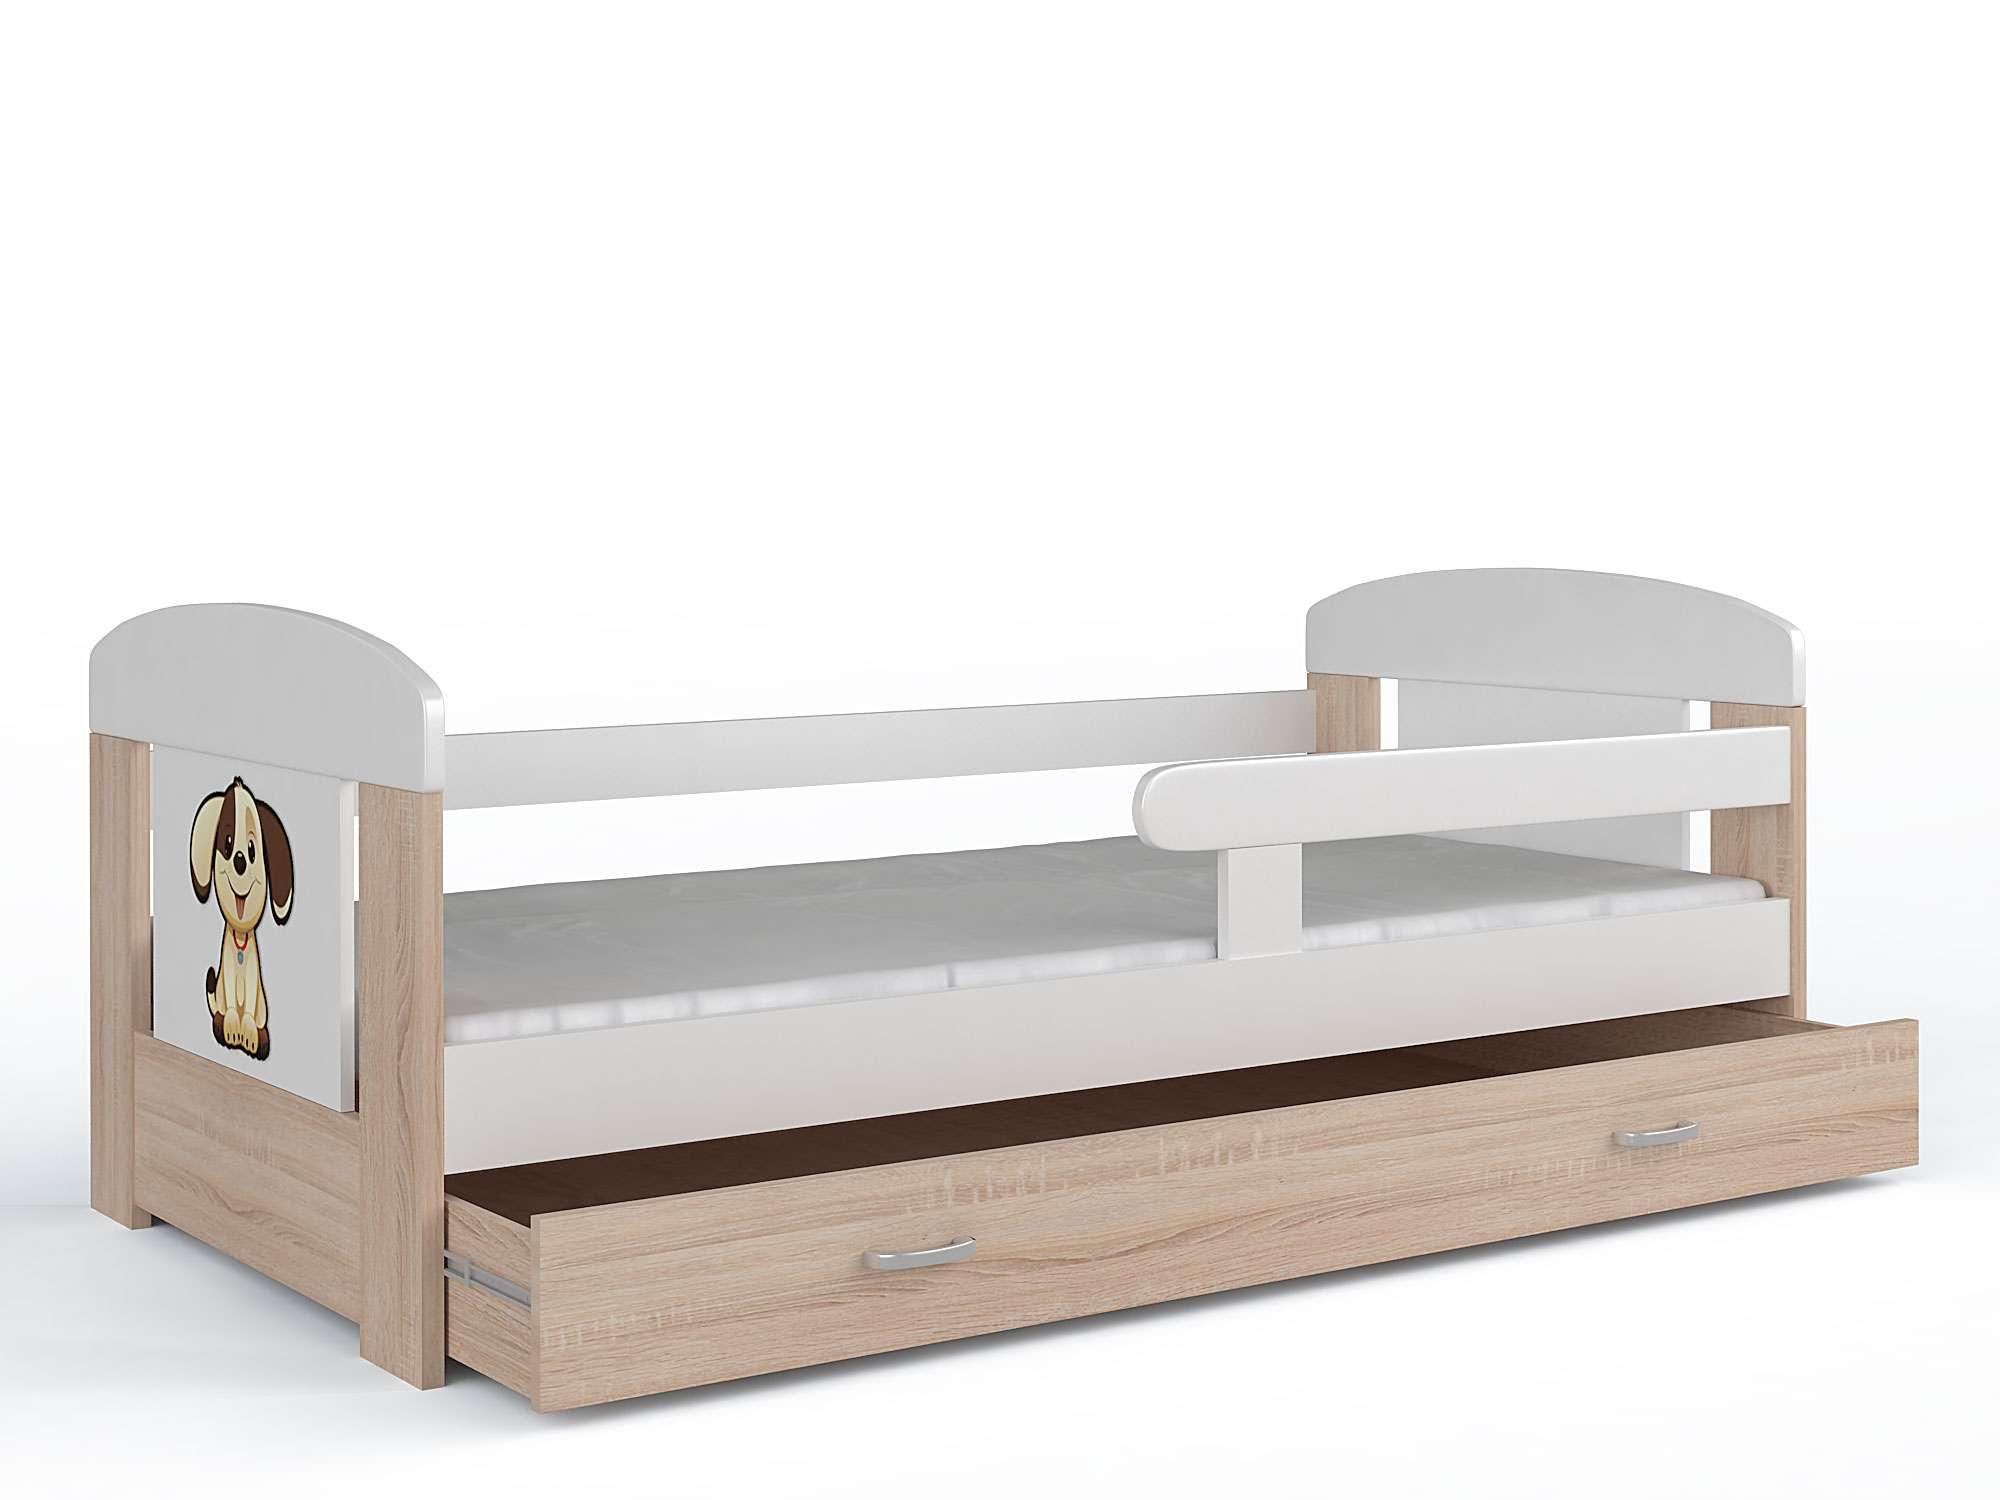 kinderbett mit schublade jugendbett matratze und. Black Bedroom Furniture Sets. Home Design Ideas